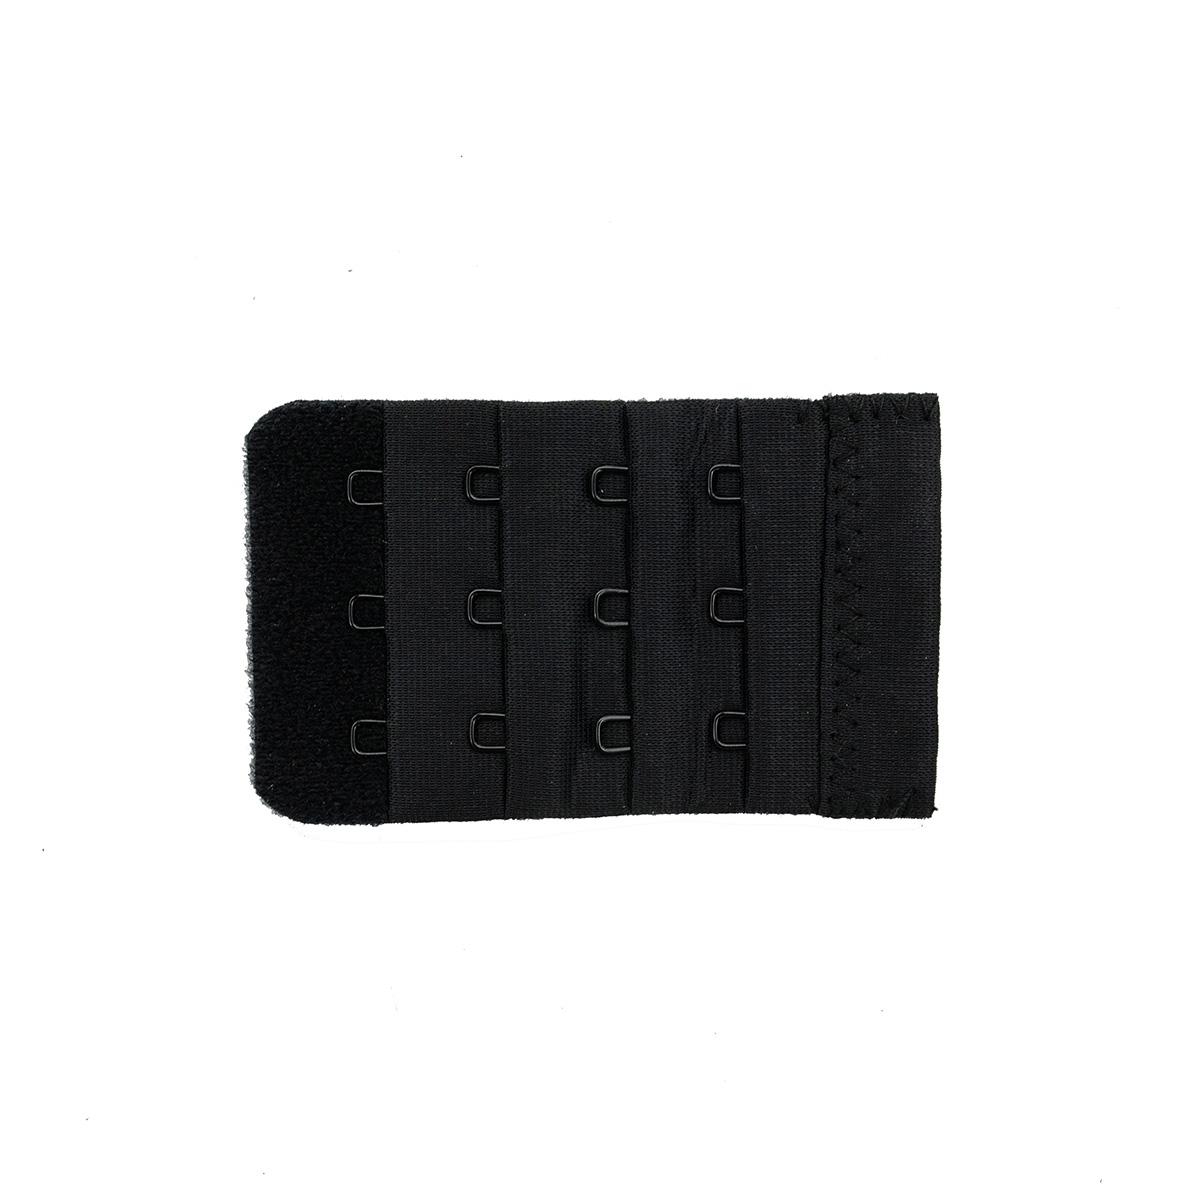 Застежка для увеличения объема бюстгальтера, 3 крючка, 1 шт., черный 853001, Hobby&Pro